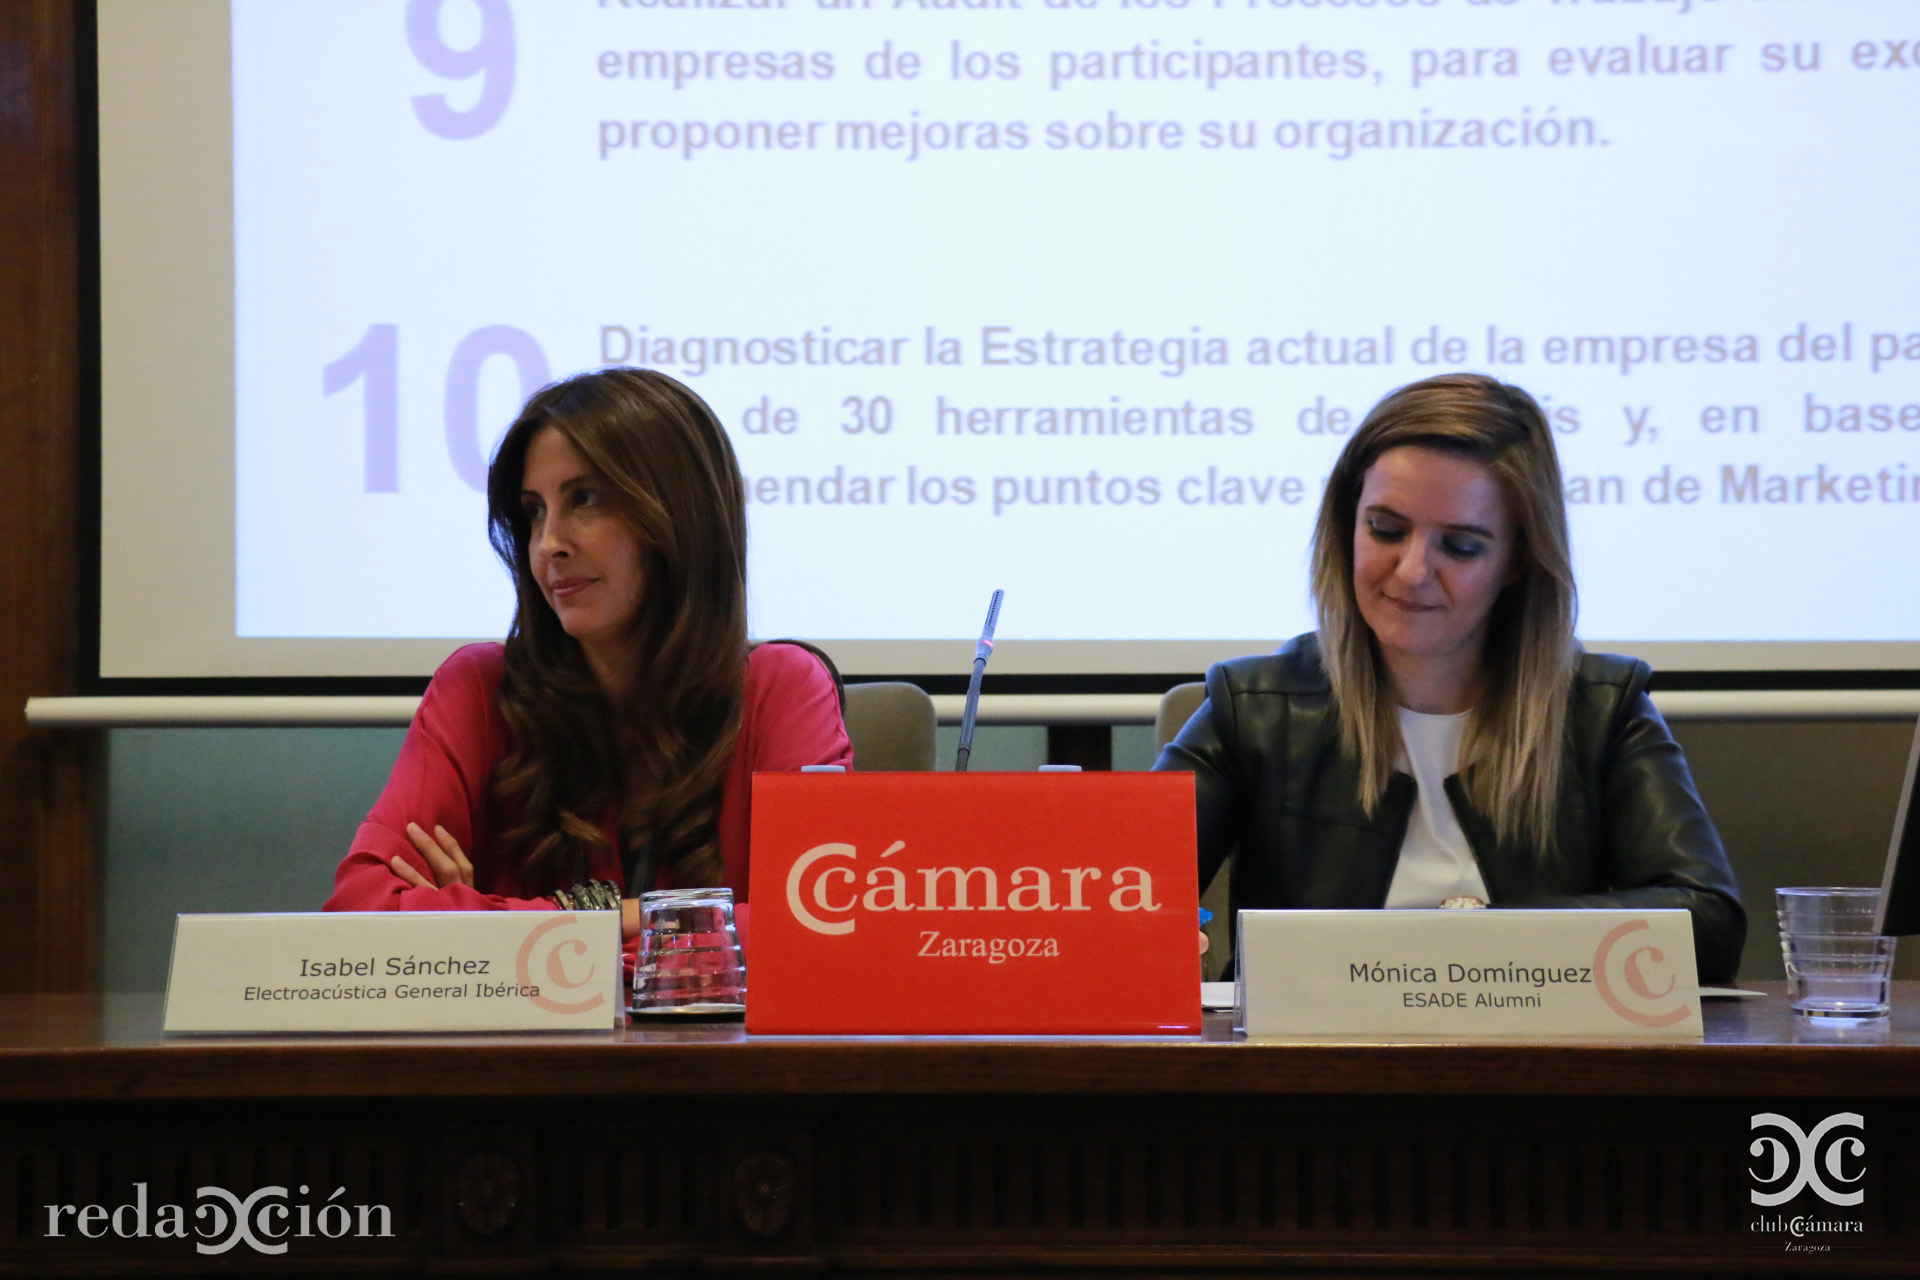 Isabel Sánchez, de Electroacústica General Ibérica, y Mónica Domínguez